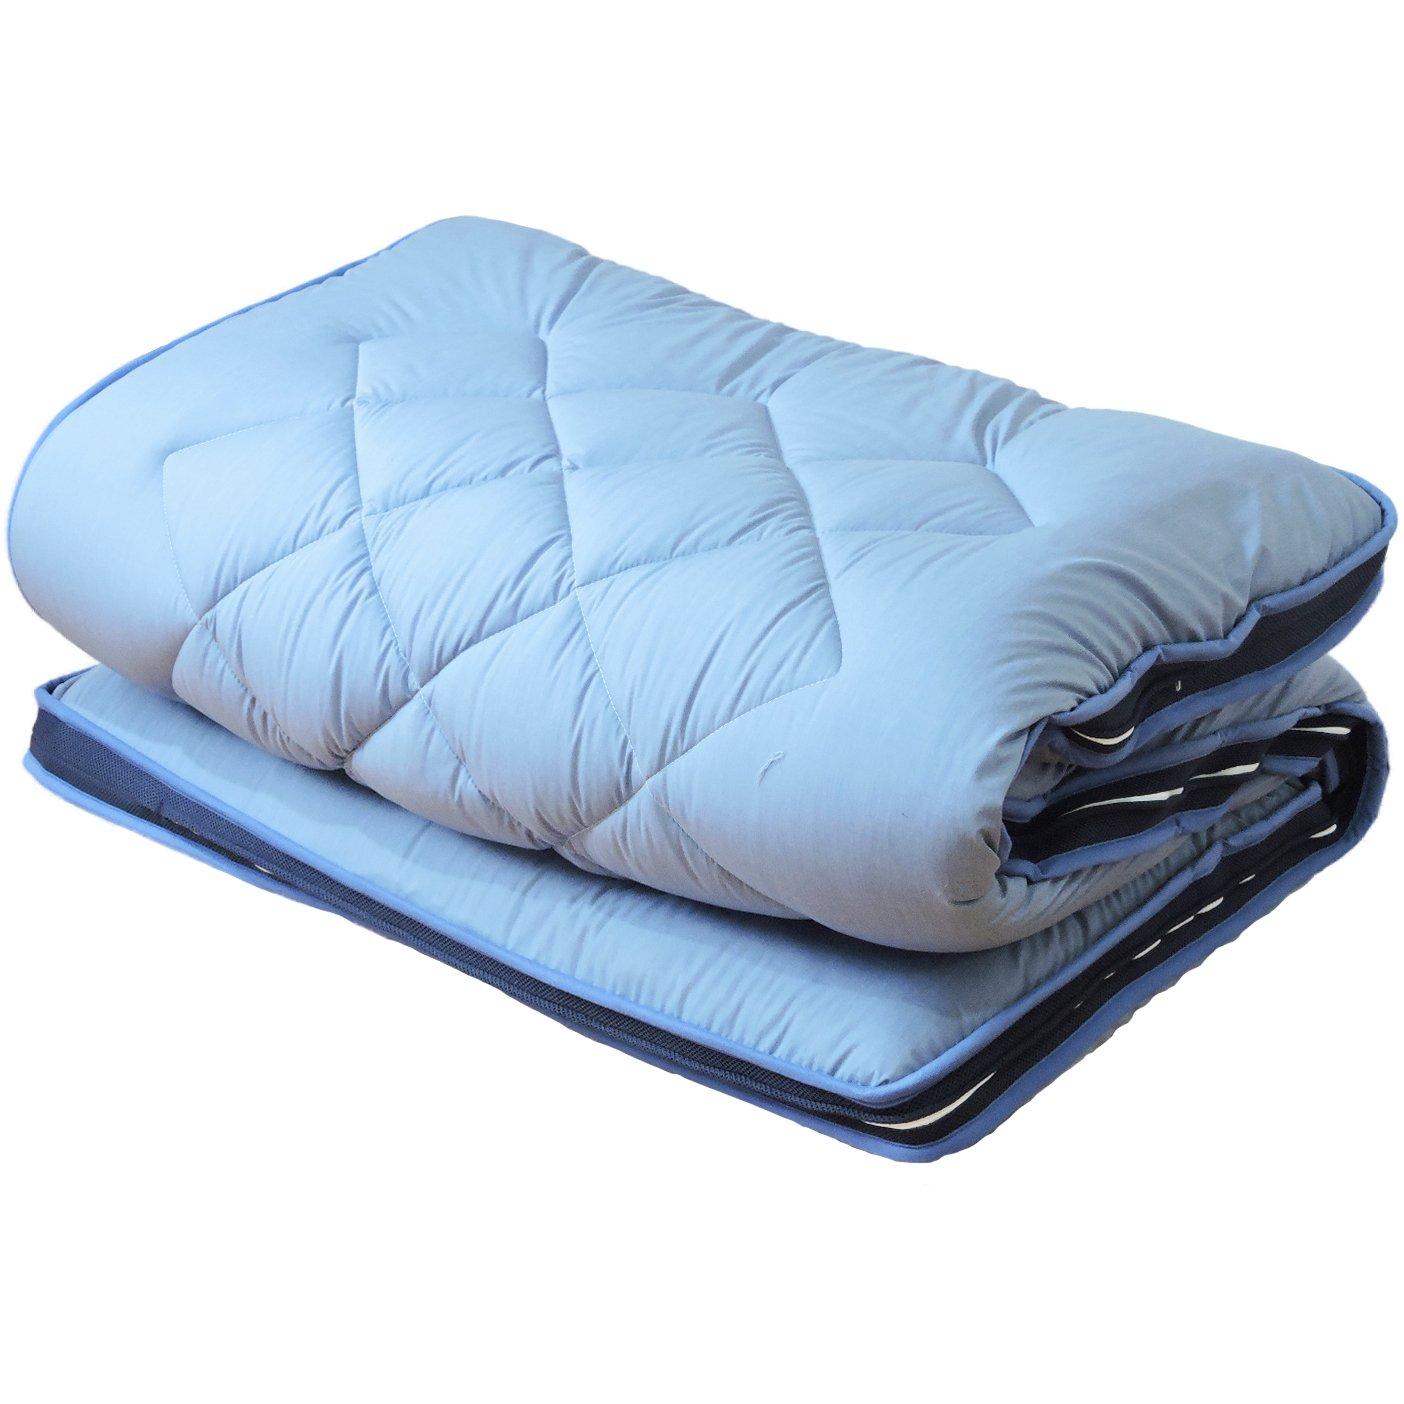 眠り姫 高弾発 パラレーヴTM 80mm敷マット L字ファスナー 洗濯可 セミダブルロング ブルー B06XXD1MMS セミダブルロング ブルー ブルー セミダブルロング